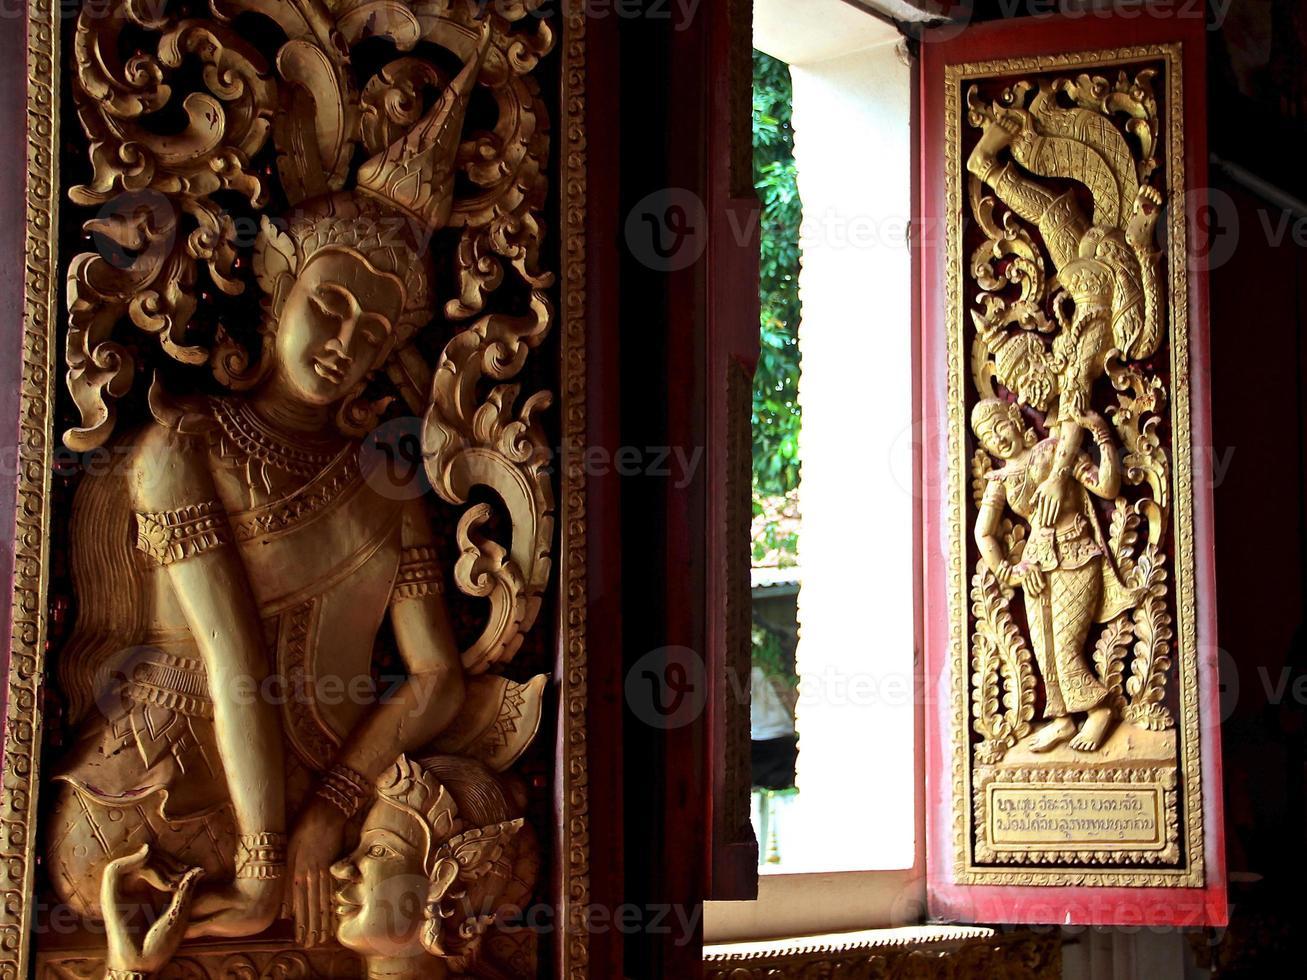 sculptures sur bois bouddhistes - vientiane, laos. photo